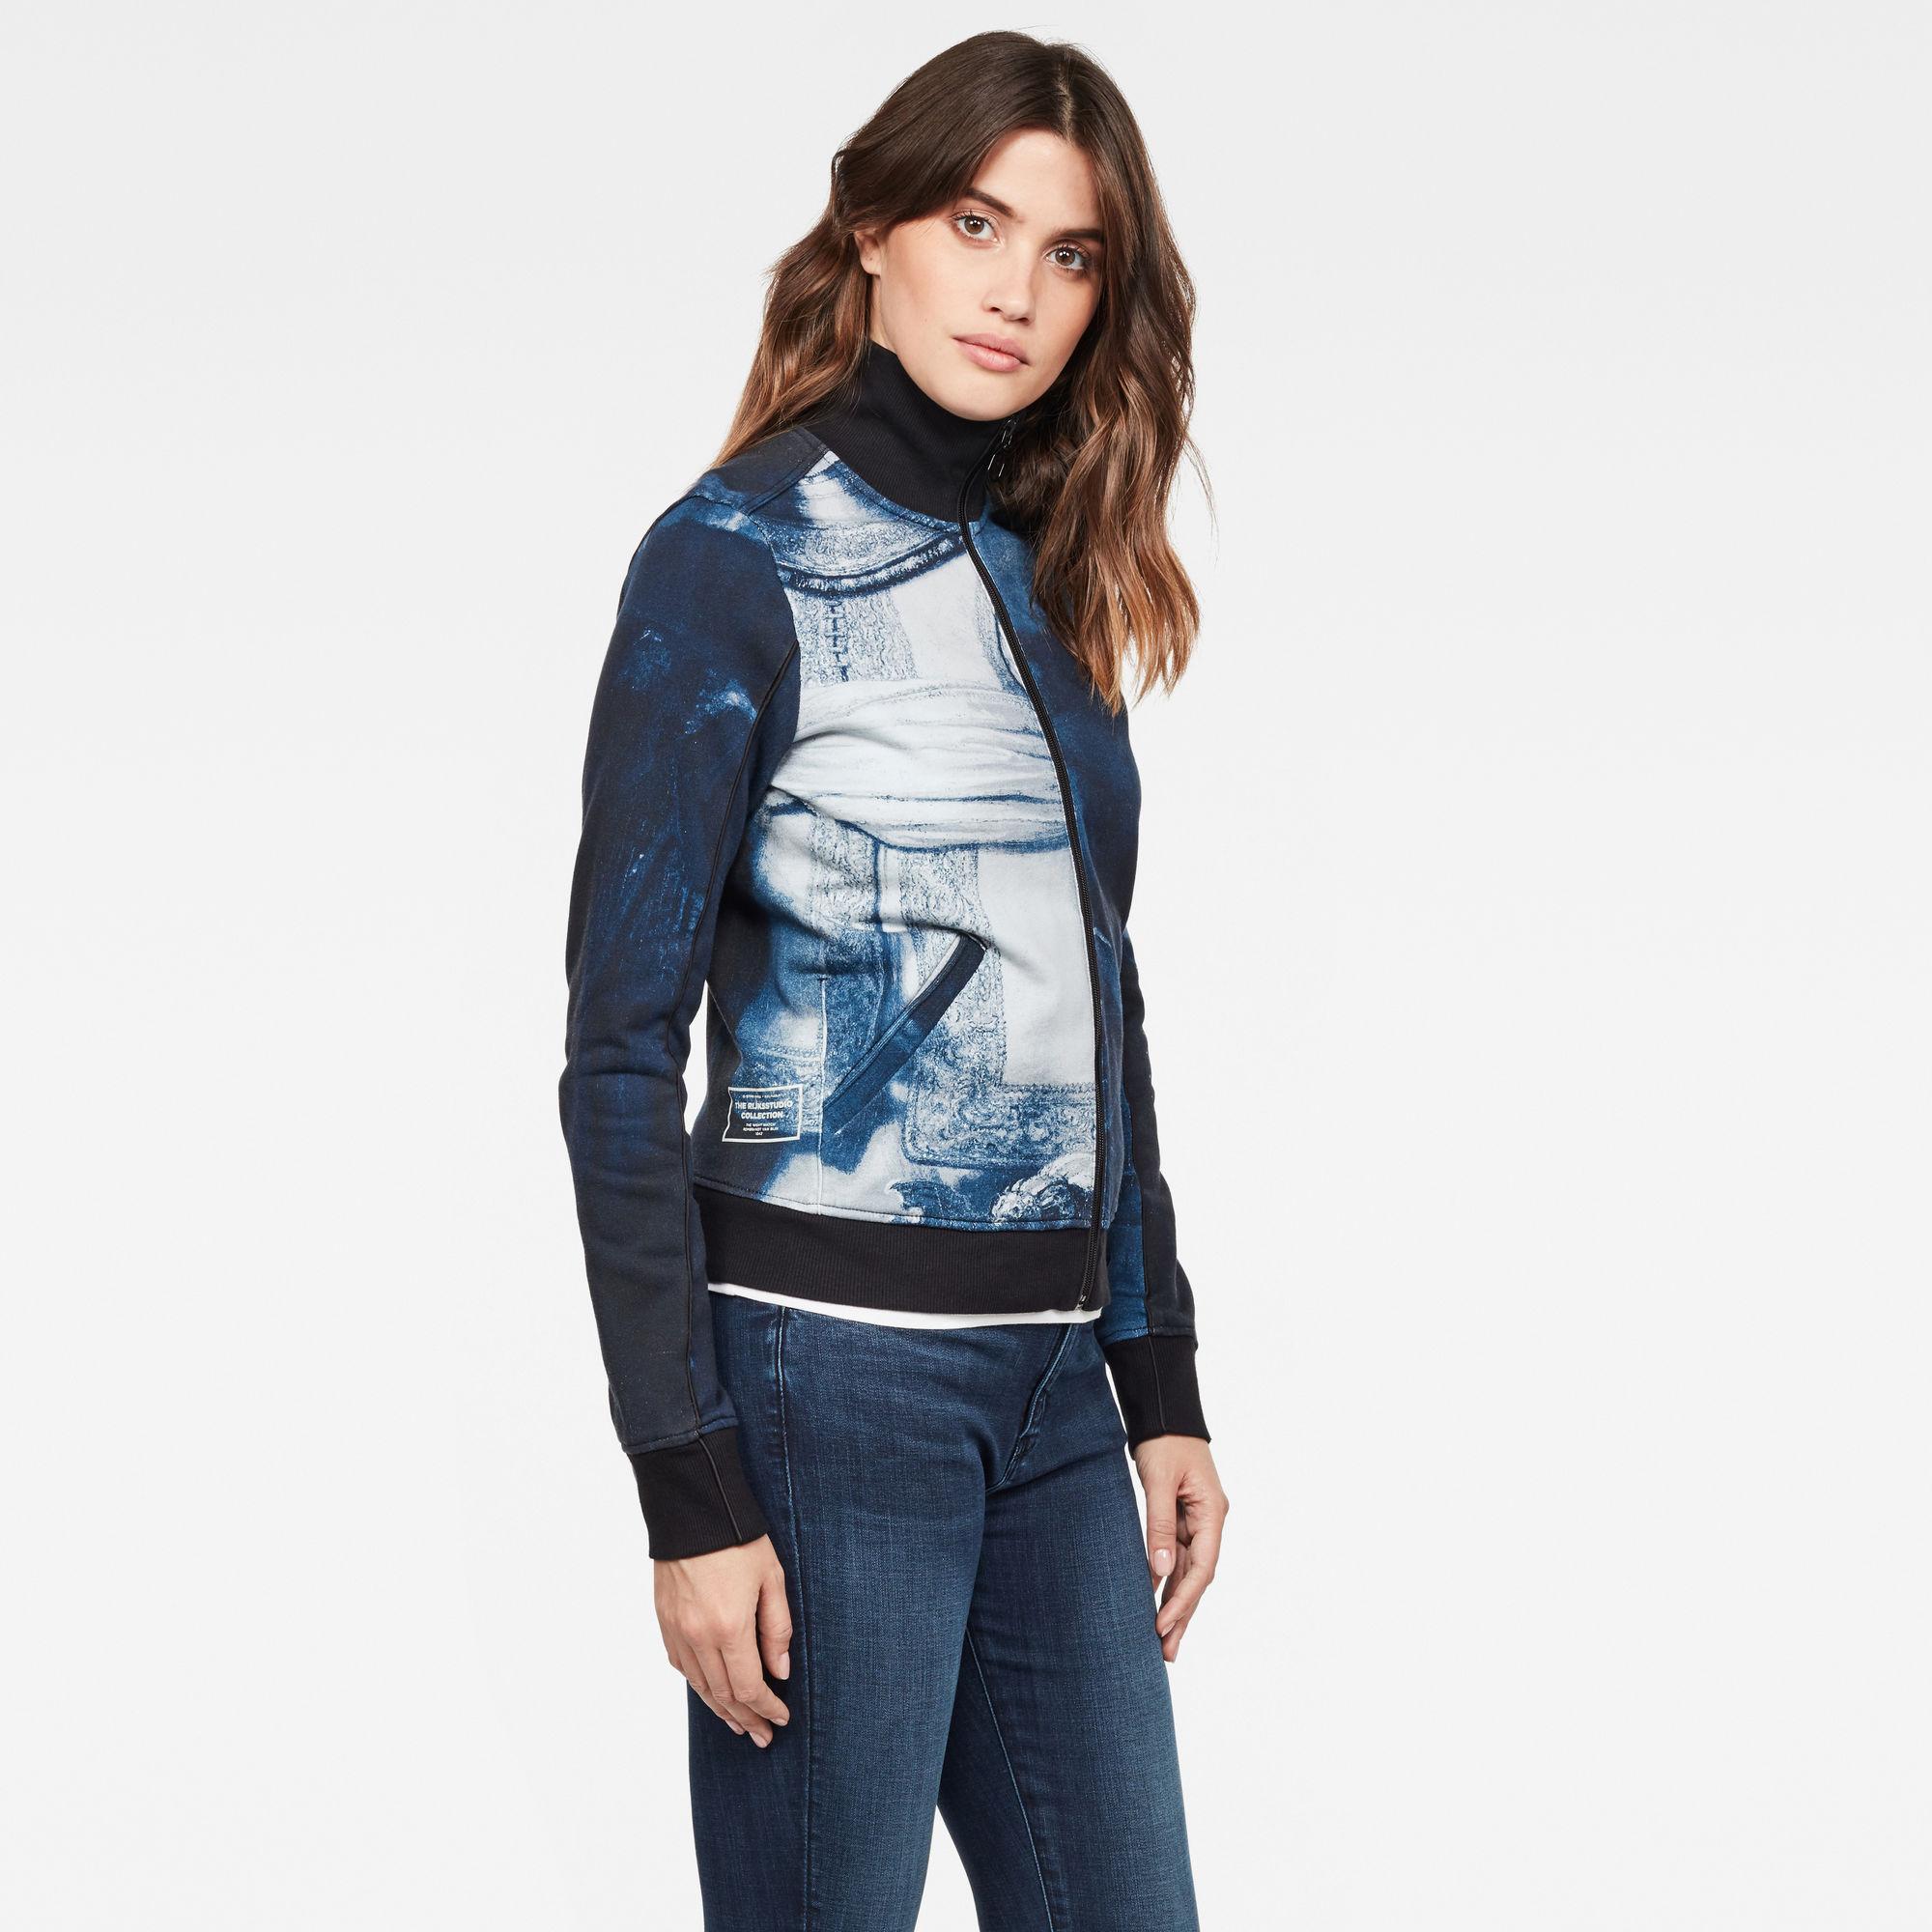 G-Star RAW Rijks Lanc Slim Tracktop Sweater